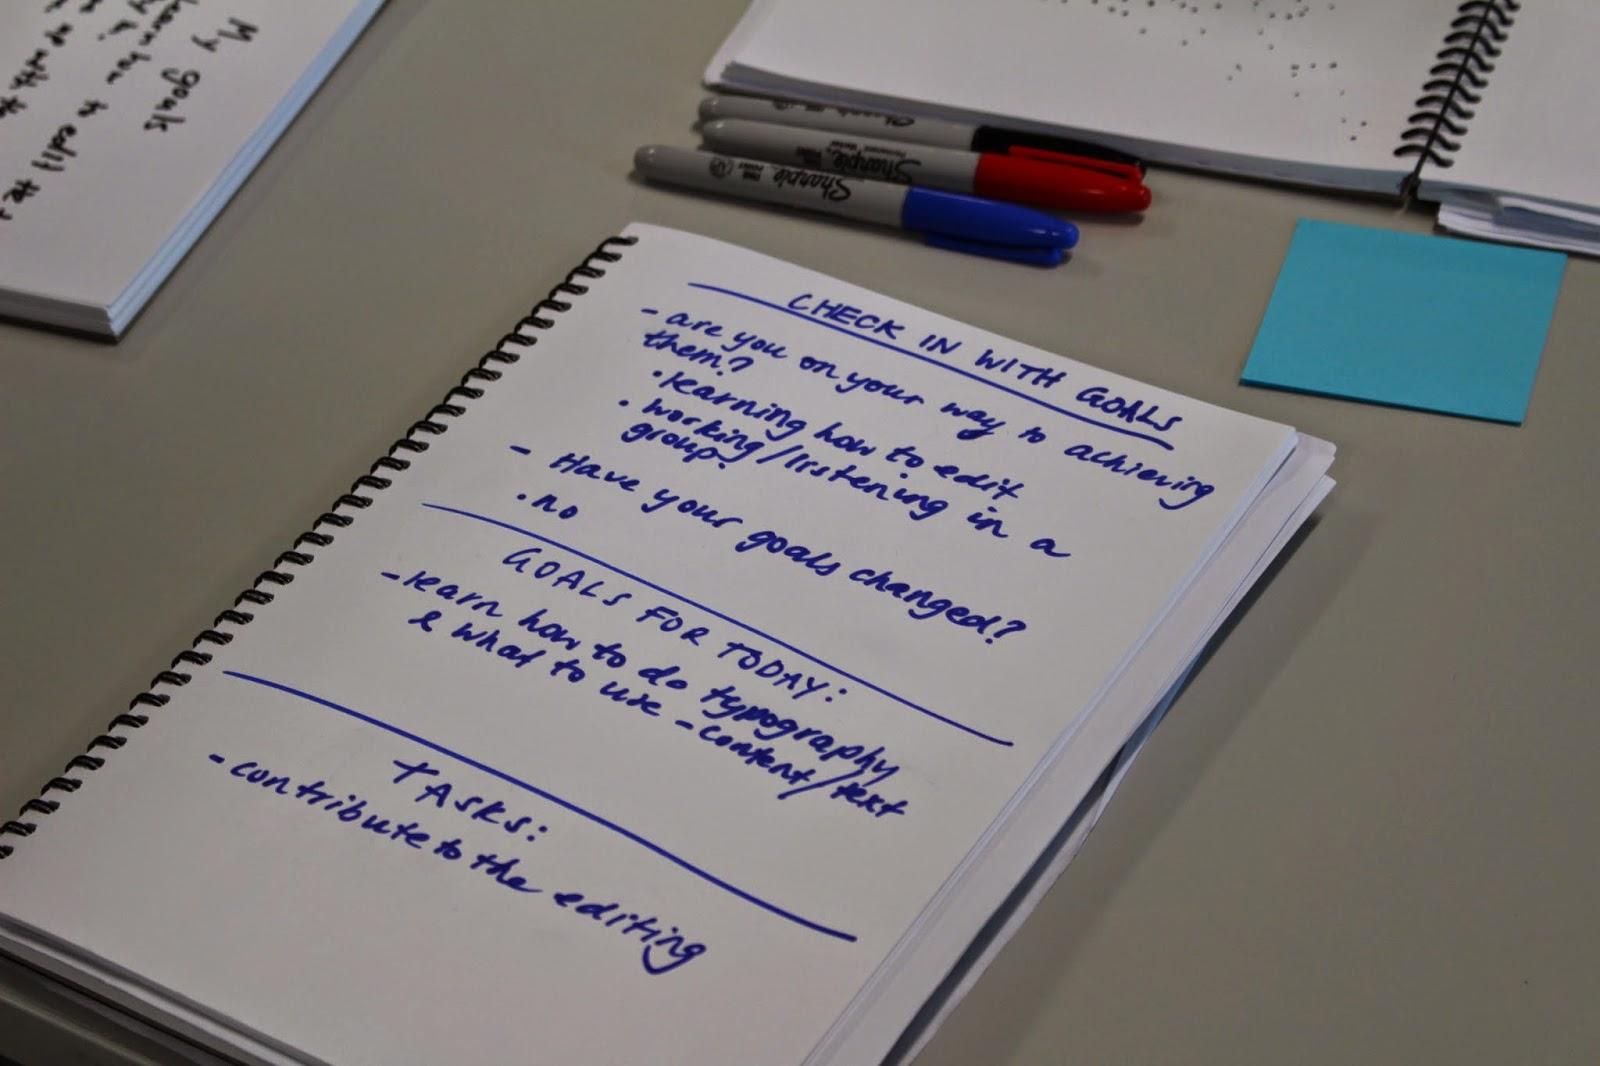 http://rfacdn.nz/artgallery/assets/media/blog-ymi-positively-messy-1jpg.jpg